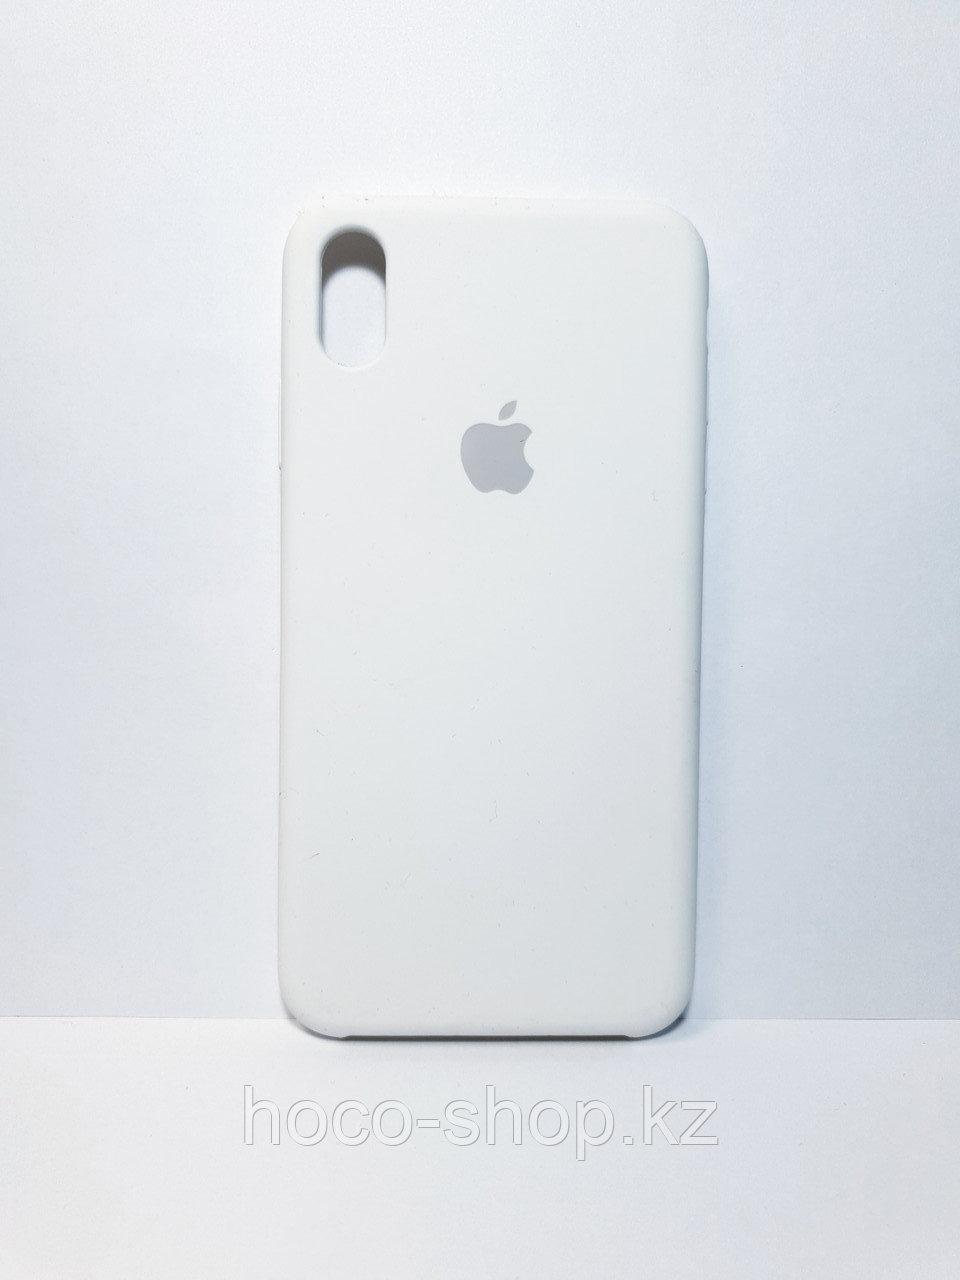 Защитный чехол для iPhone Xs Max Soft Touch силиконовый, белый